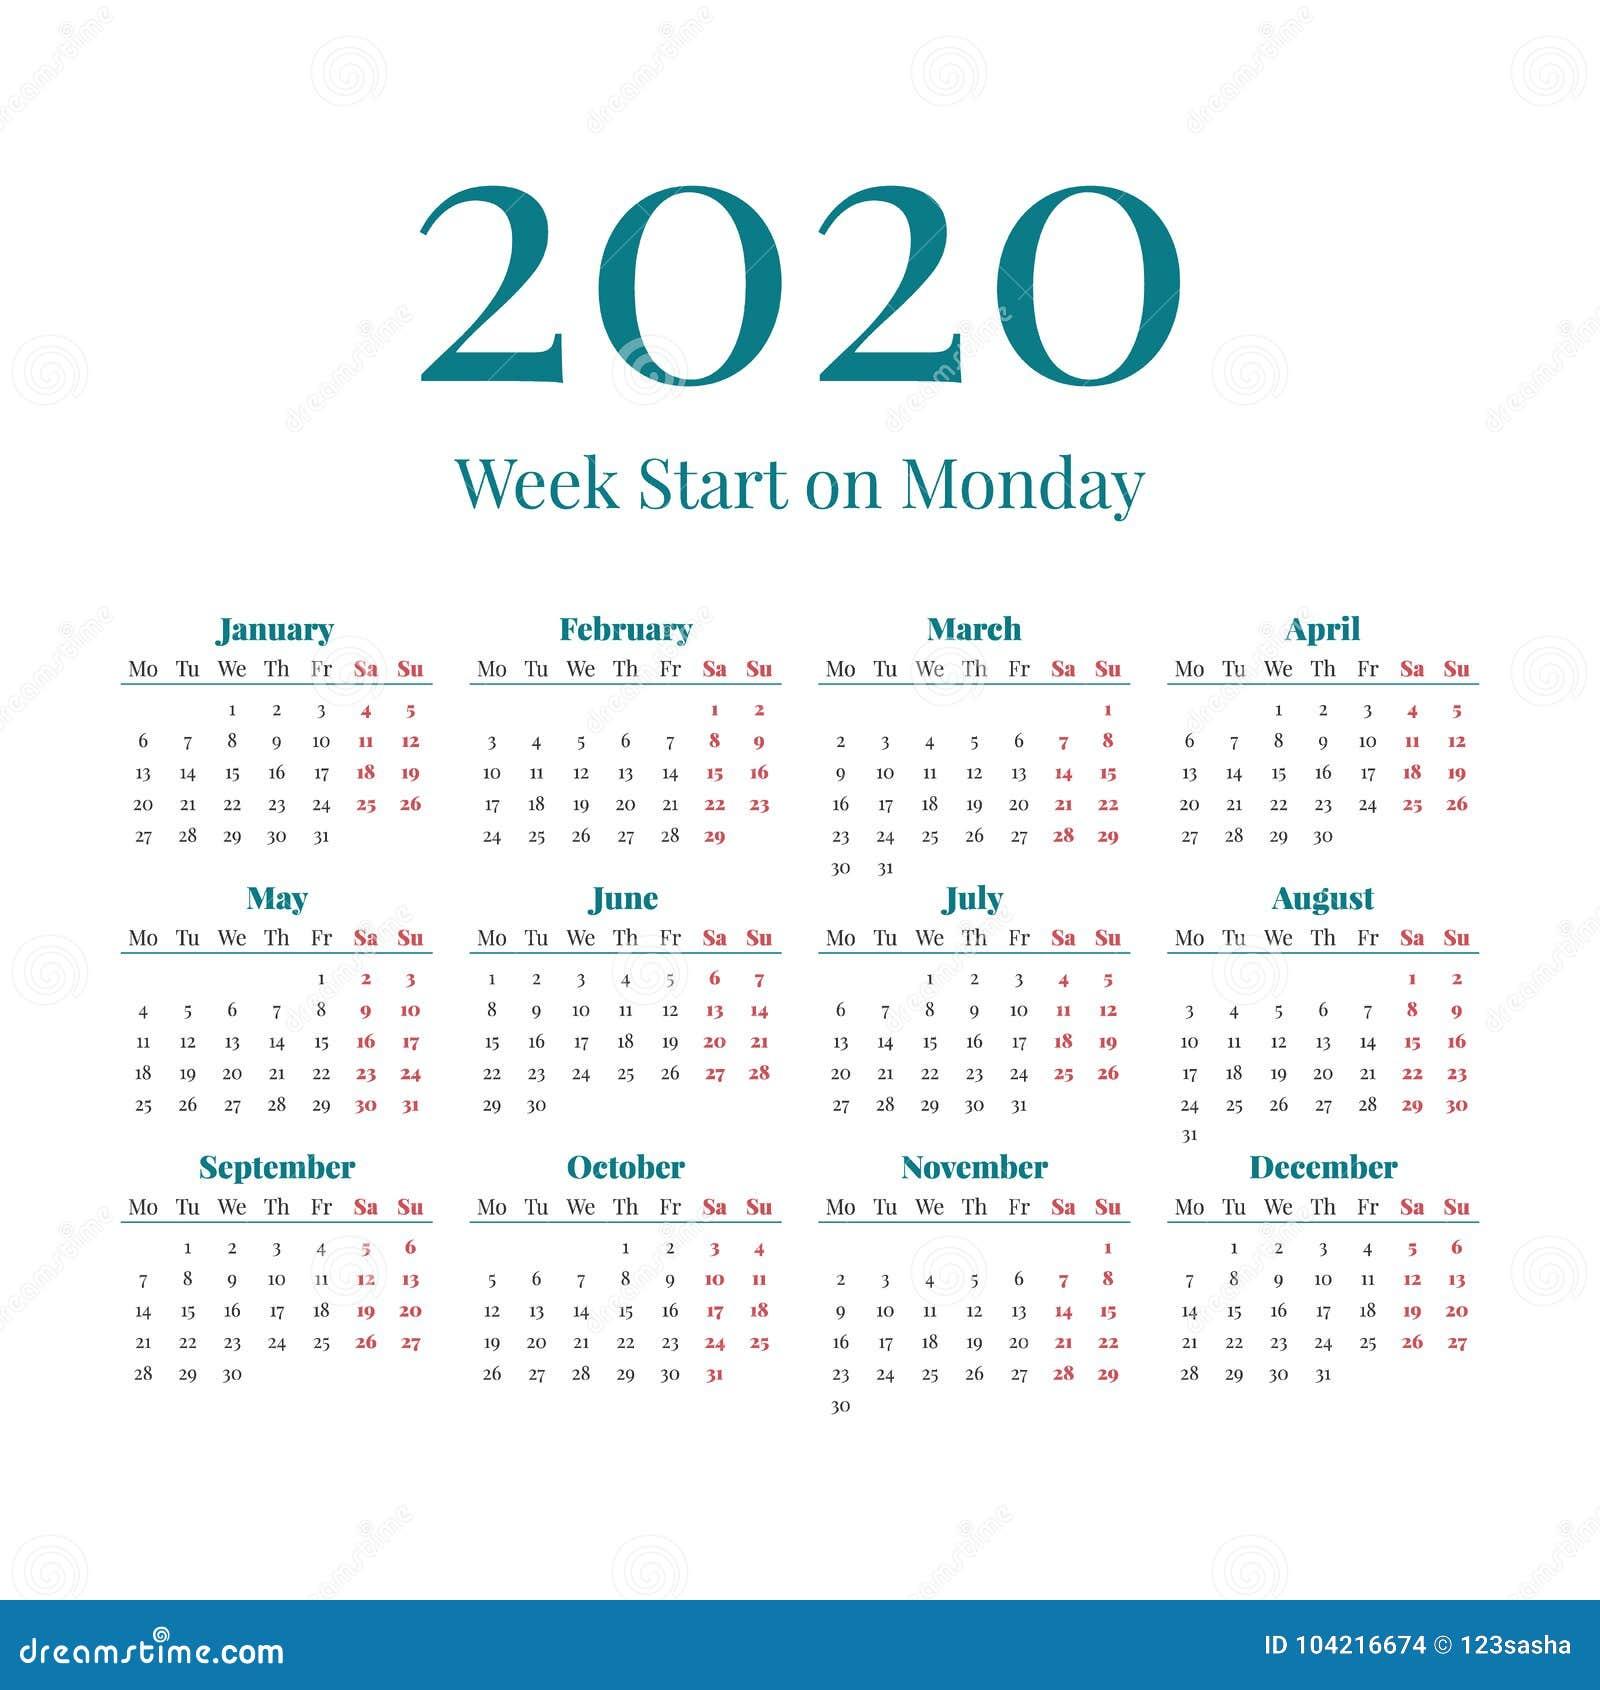 Calendario 2020 Planner.Calendario Simples De 2020 Anos Ilustracao Do Vetor